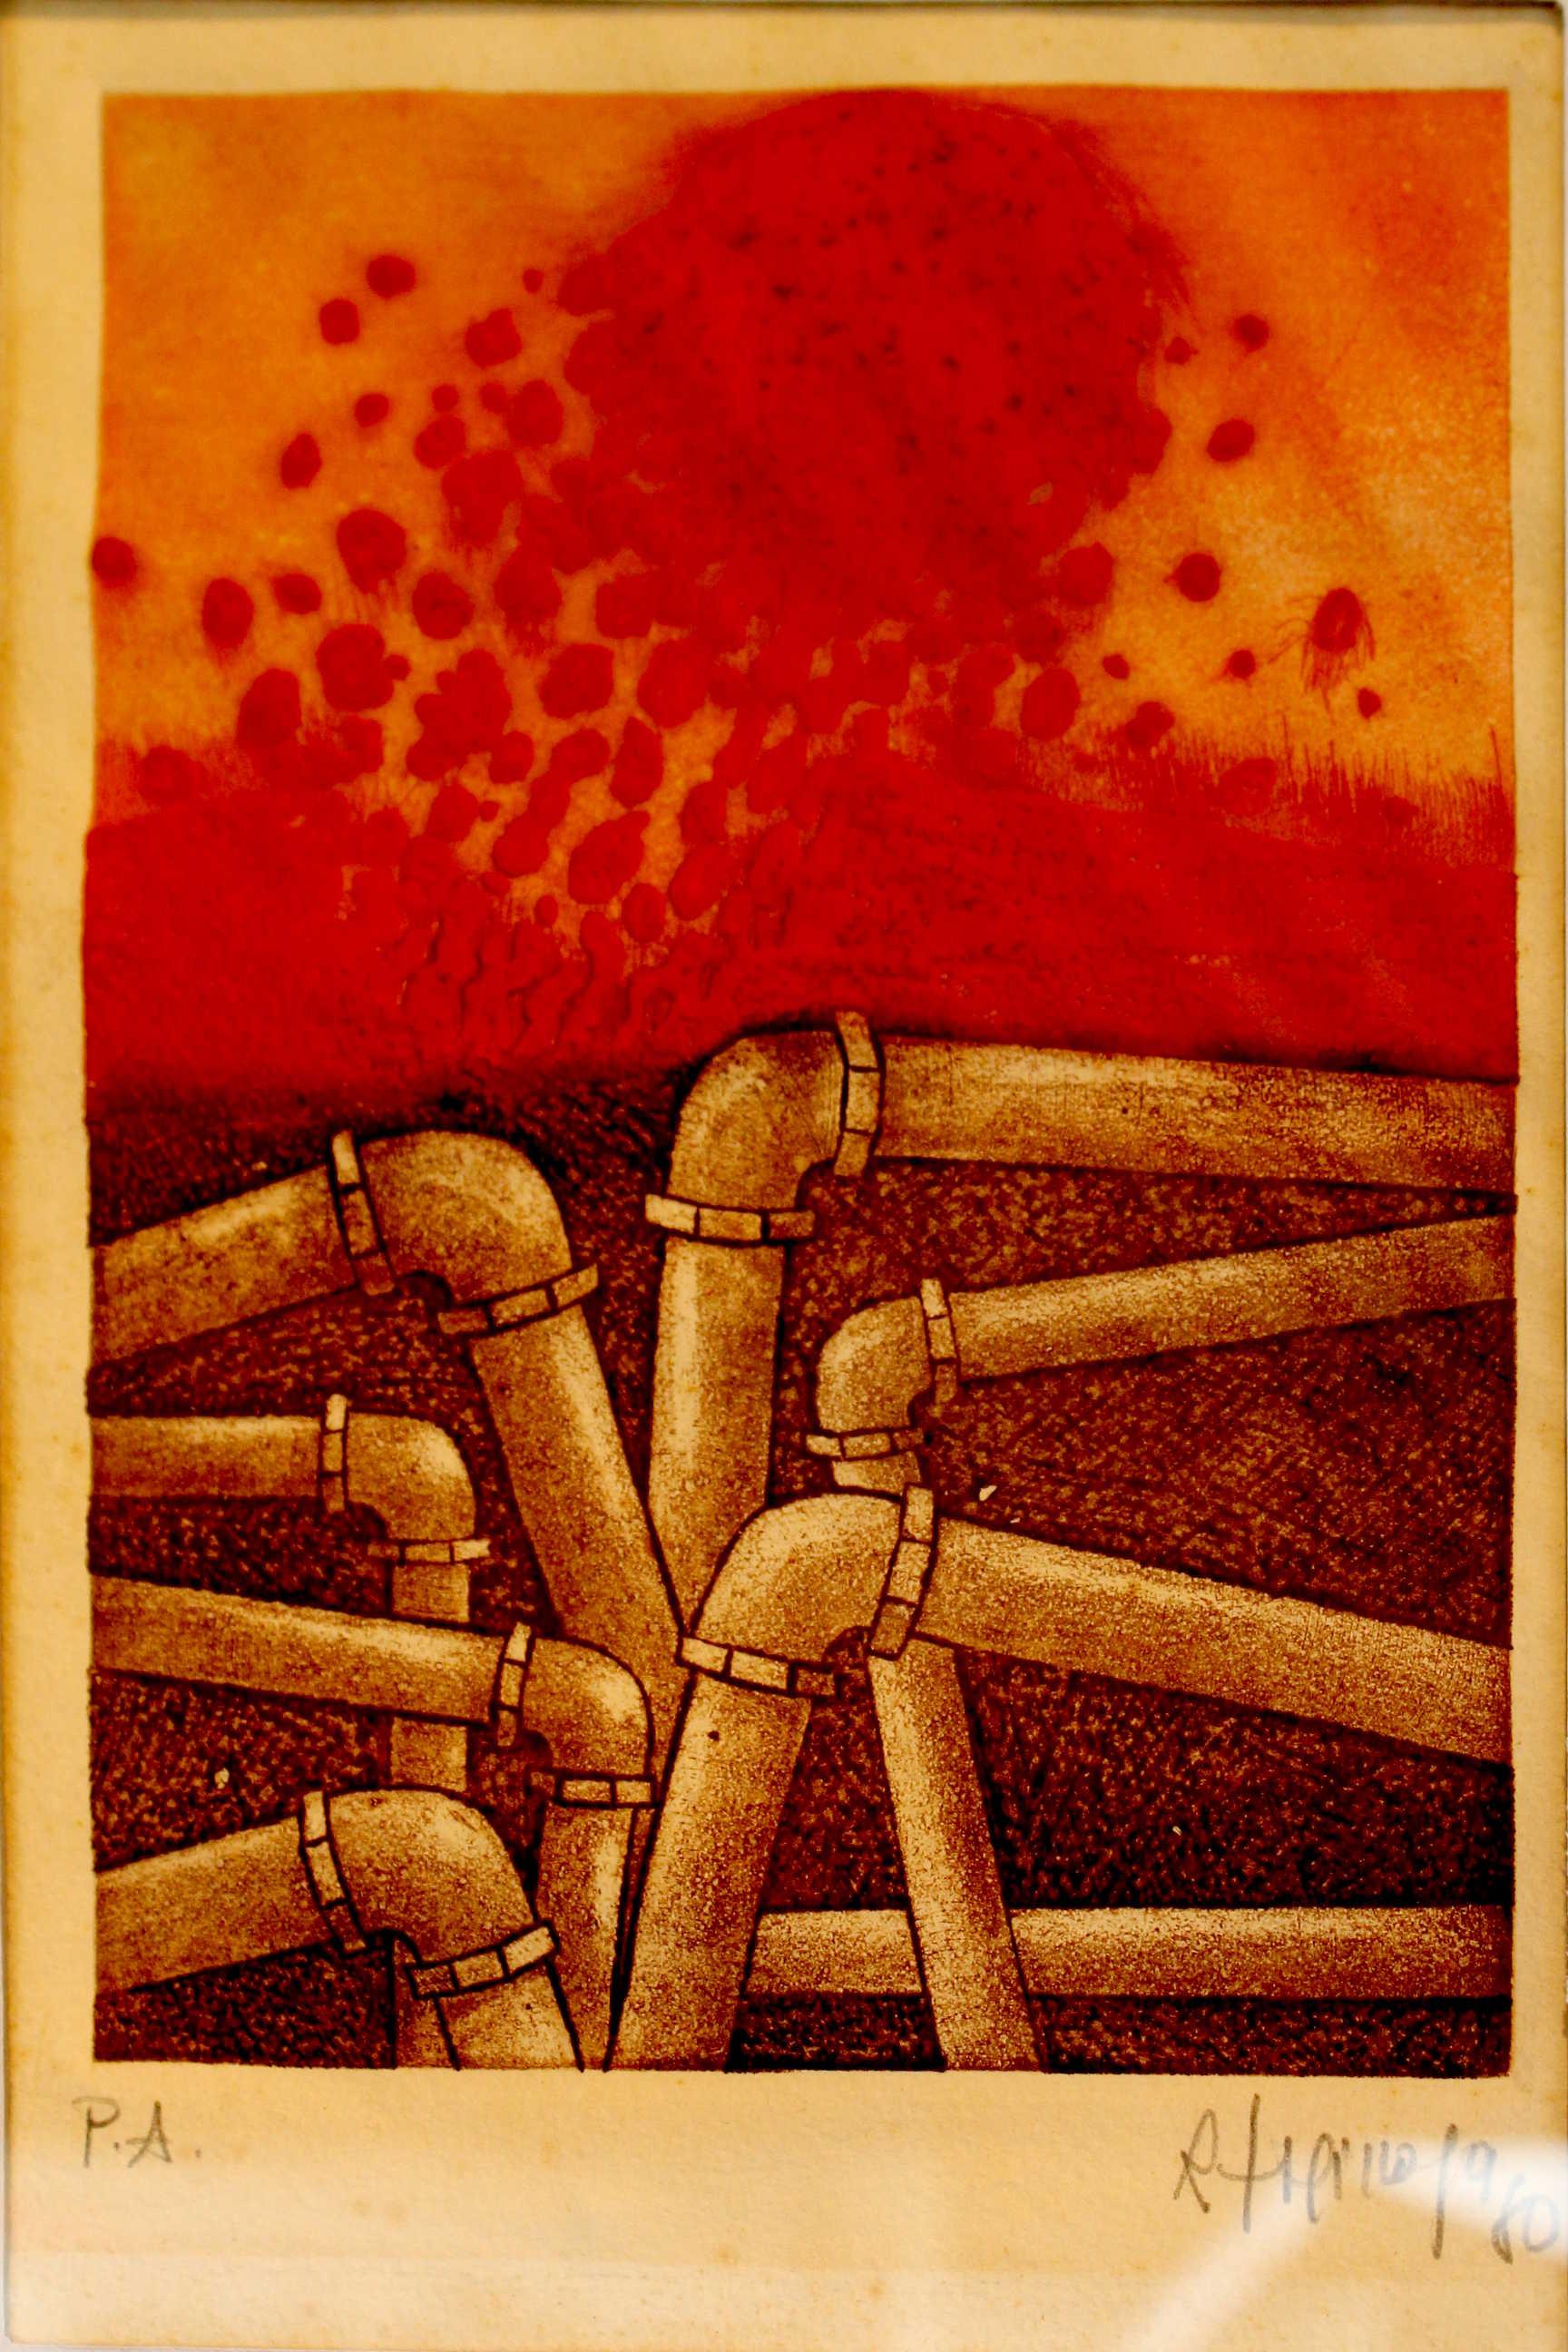 Obra de Rudy Espinoza, sin título, año 1980, técnica Grabado sobre metal.  Fotografía: Adriana Araya.